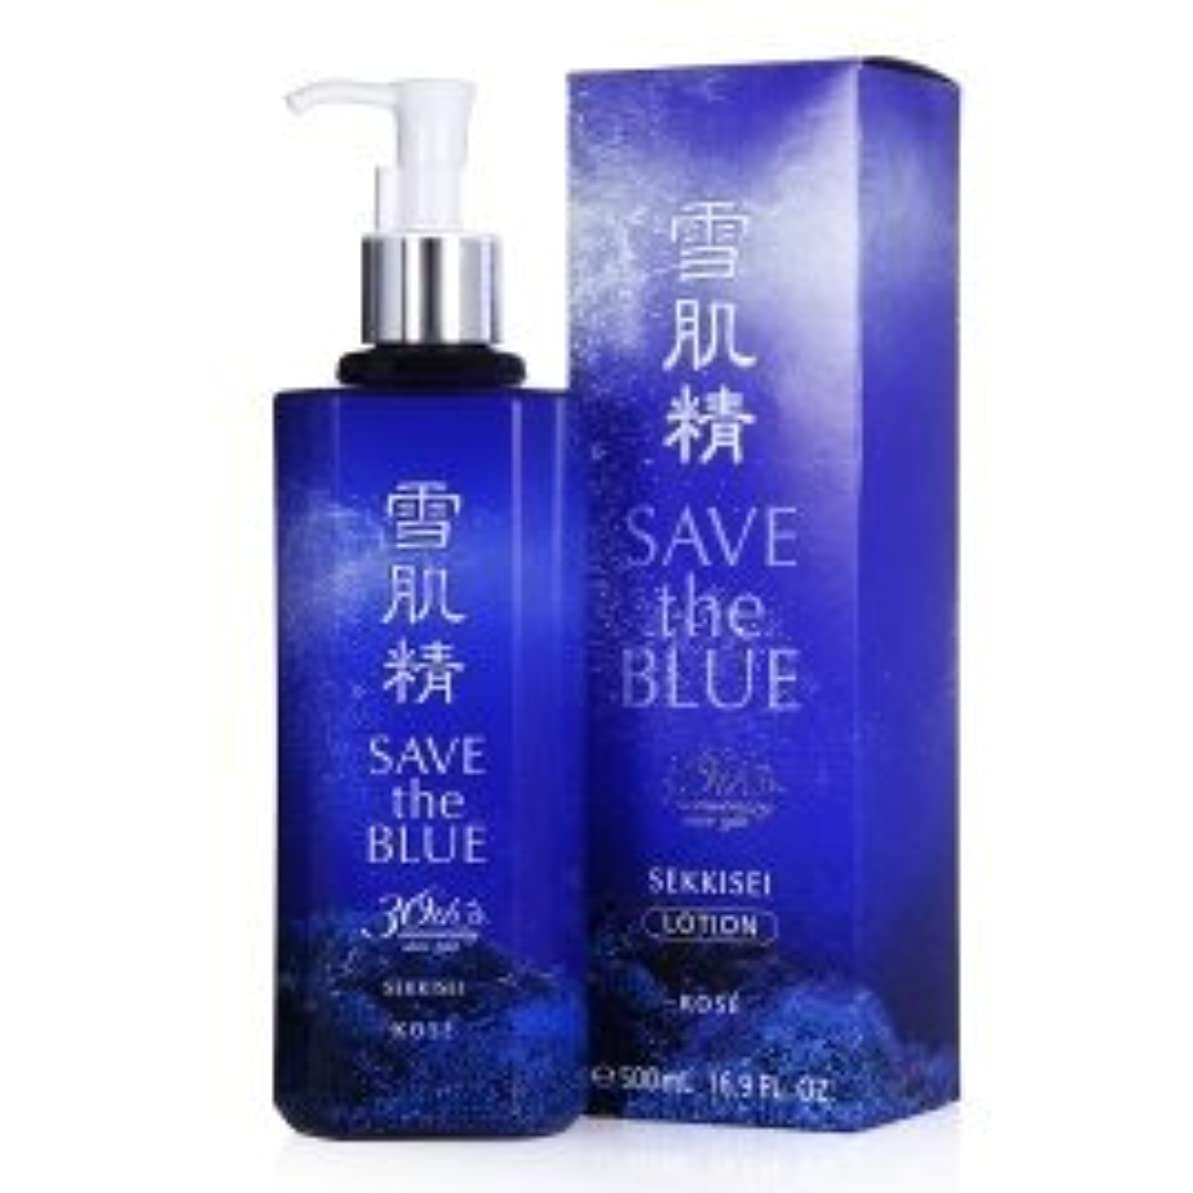 提唱するイディオム定期的なKOSE コーセー 薬用 雪肌精 化粧水 500ml 【SAVE the BLUE】